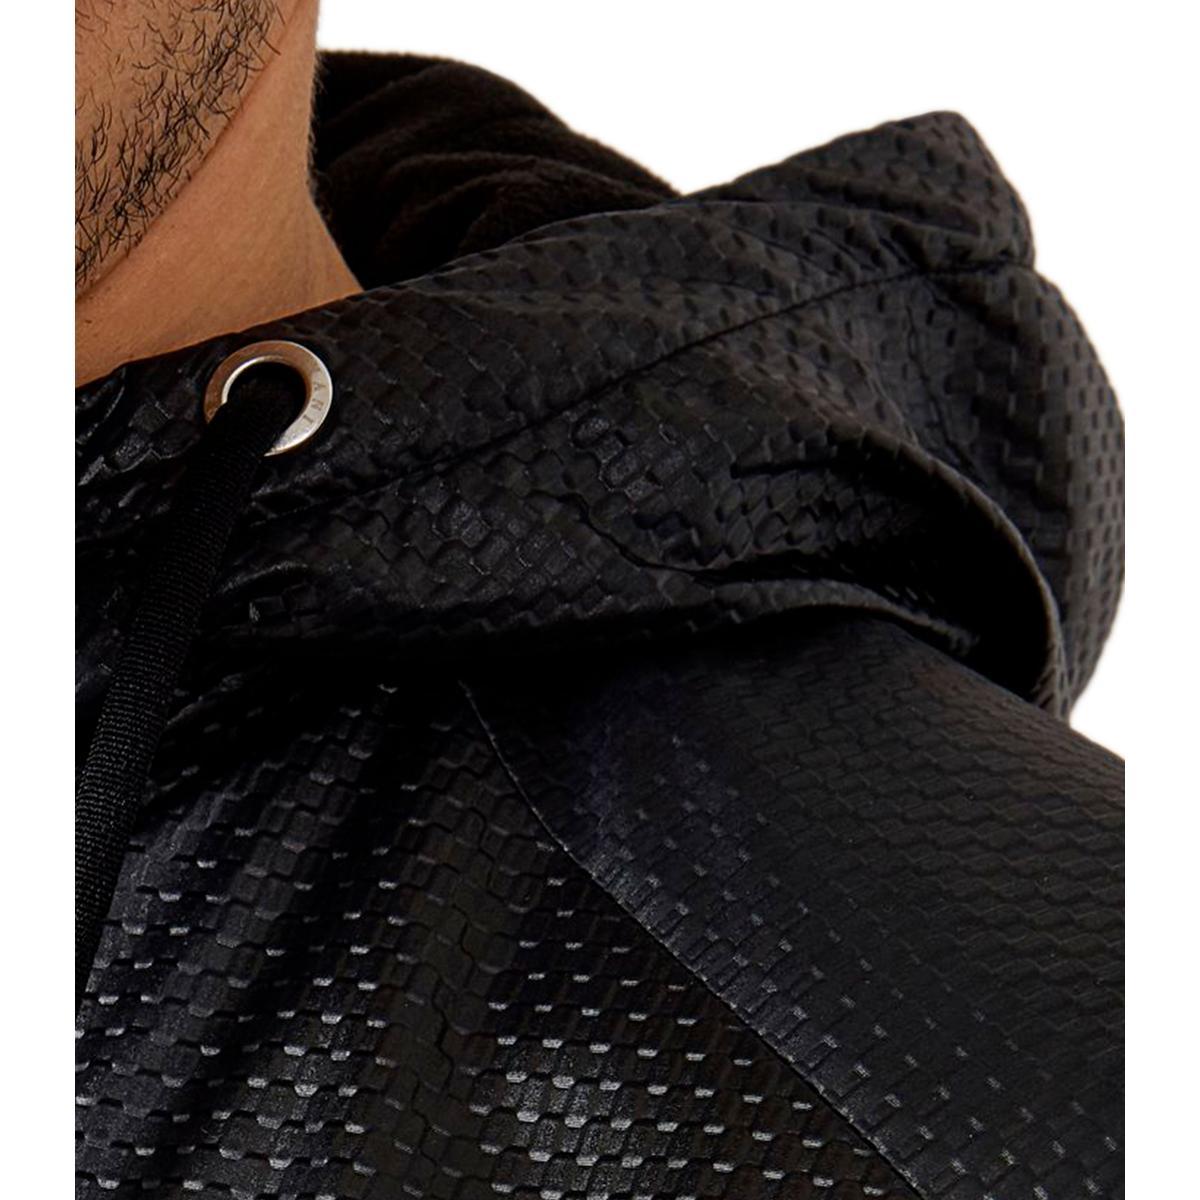 Giacca a Vento Emporio Armani EA7 con cappuccio tessuto tecnico piquet